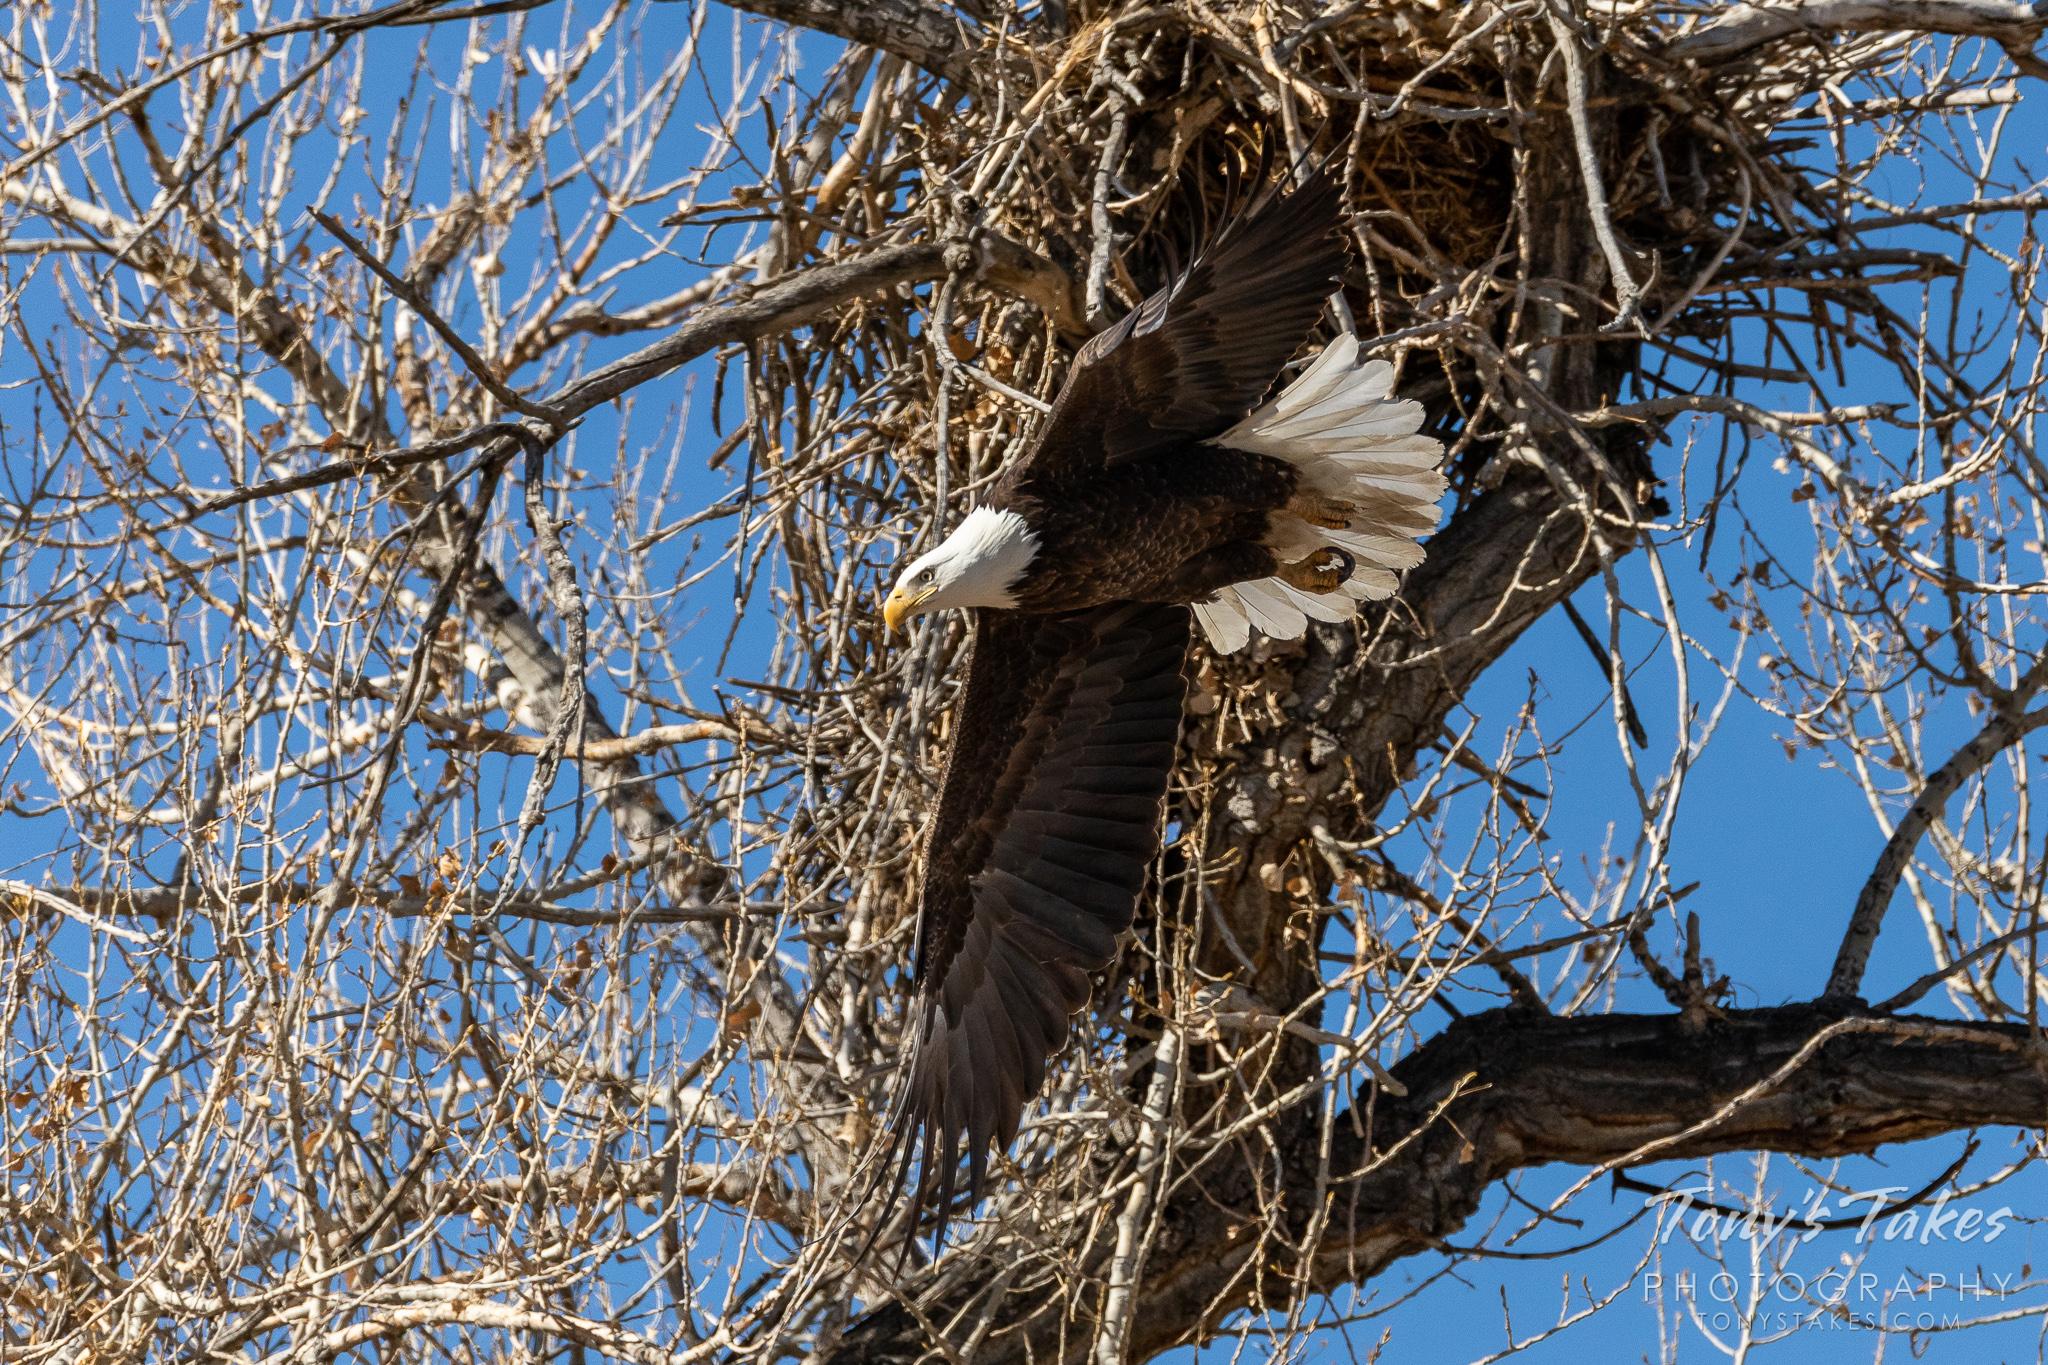 Bald eagle departs its nest site